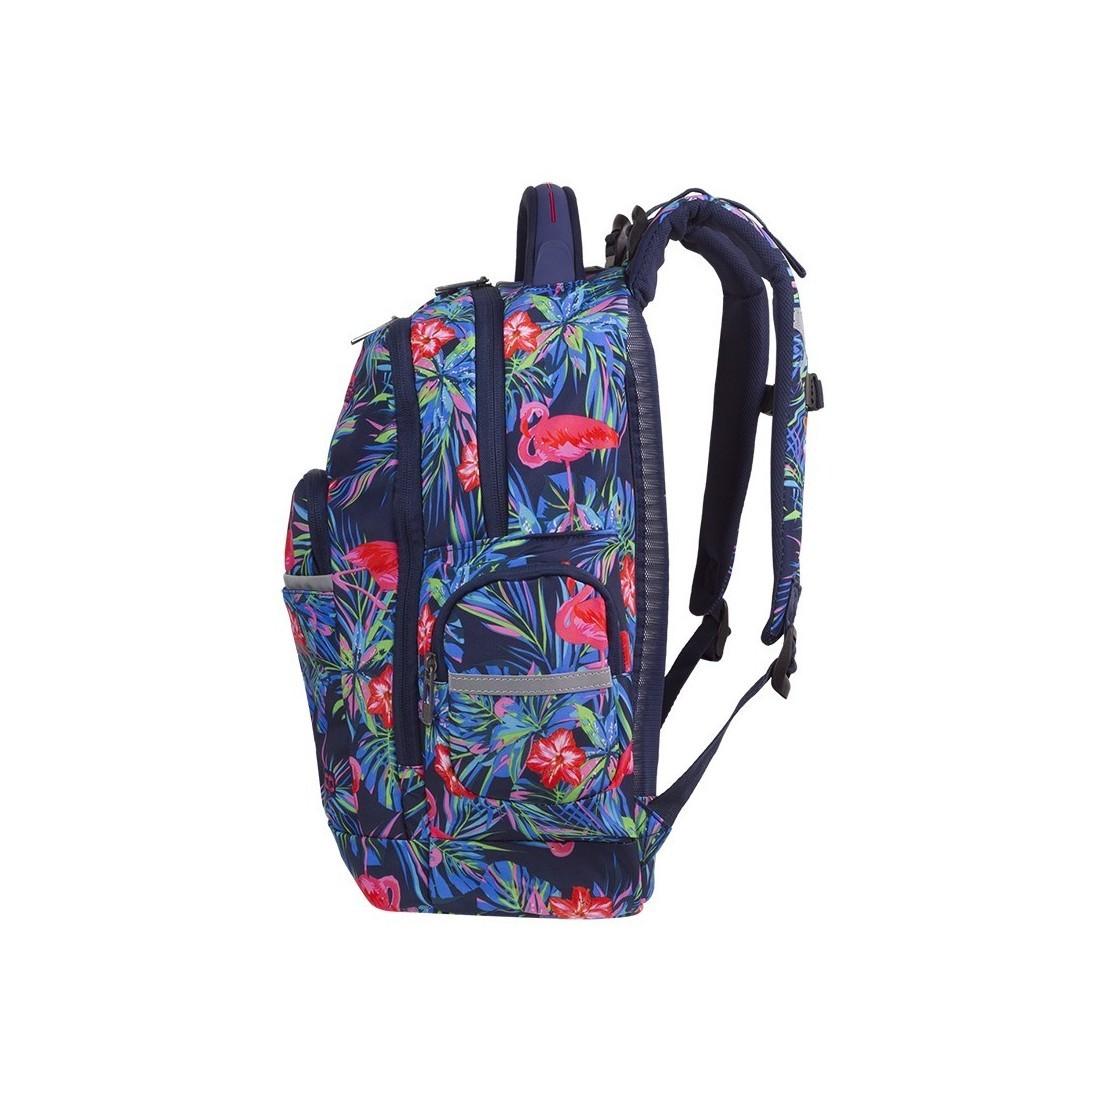 74c463bb6d864 ... Plecak szkolny flamingi kwiaty liście CoolPack CP BRICK PINK FLAMINGO  ...